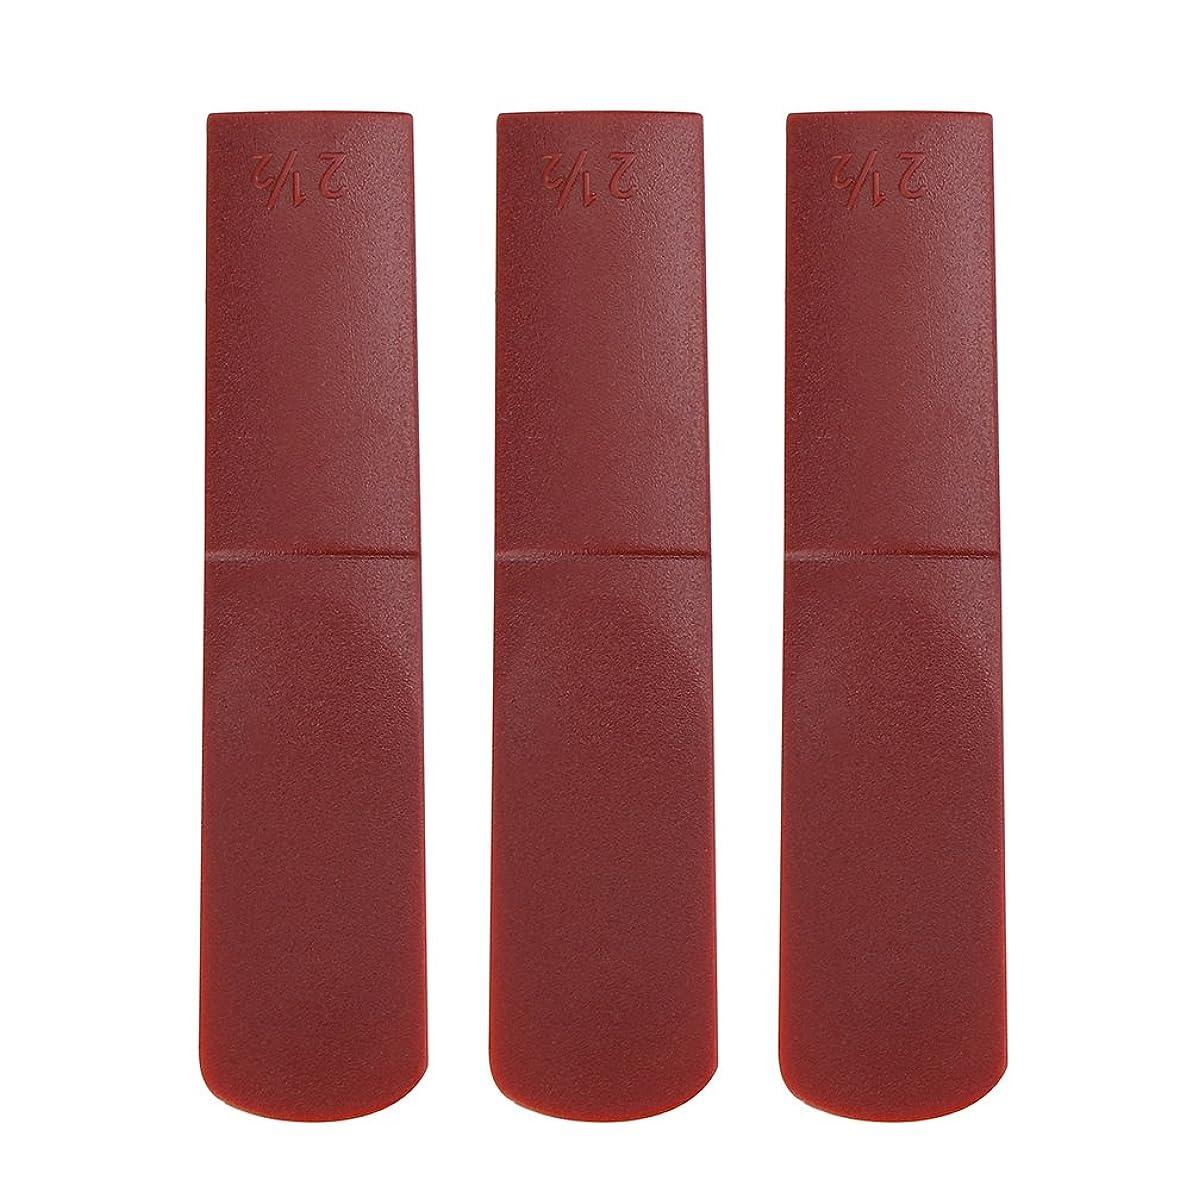 にはまって卒業兵器庫サックスリード 2.5 サクソフォン アルトサックスリード 樹脂製 安全無毒 初心者のため 修理 アクセサリー(赤)